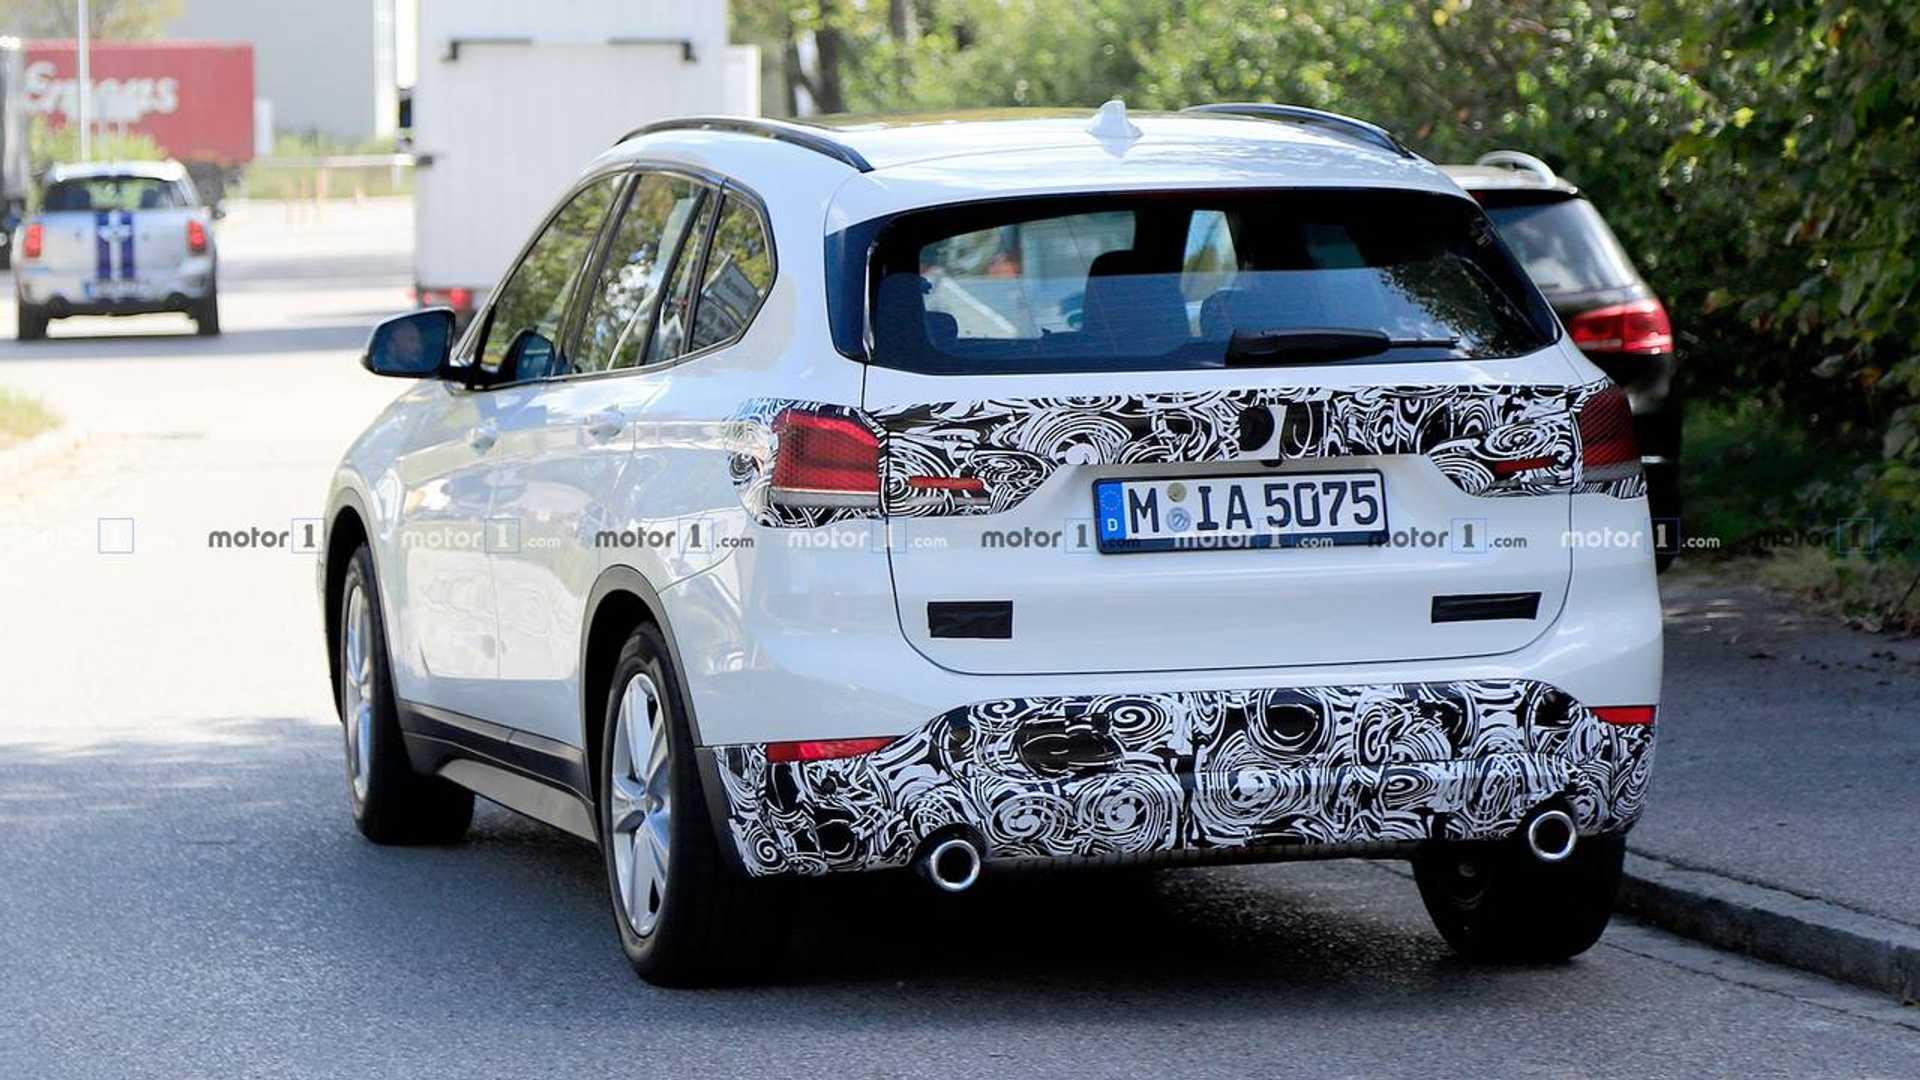 2019 - [BMW] X1 restylé [F48 LCI] Bmw-x1-refresh-spy-photos